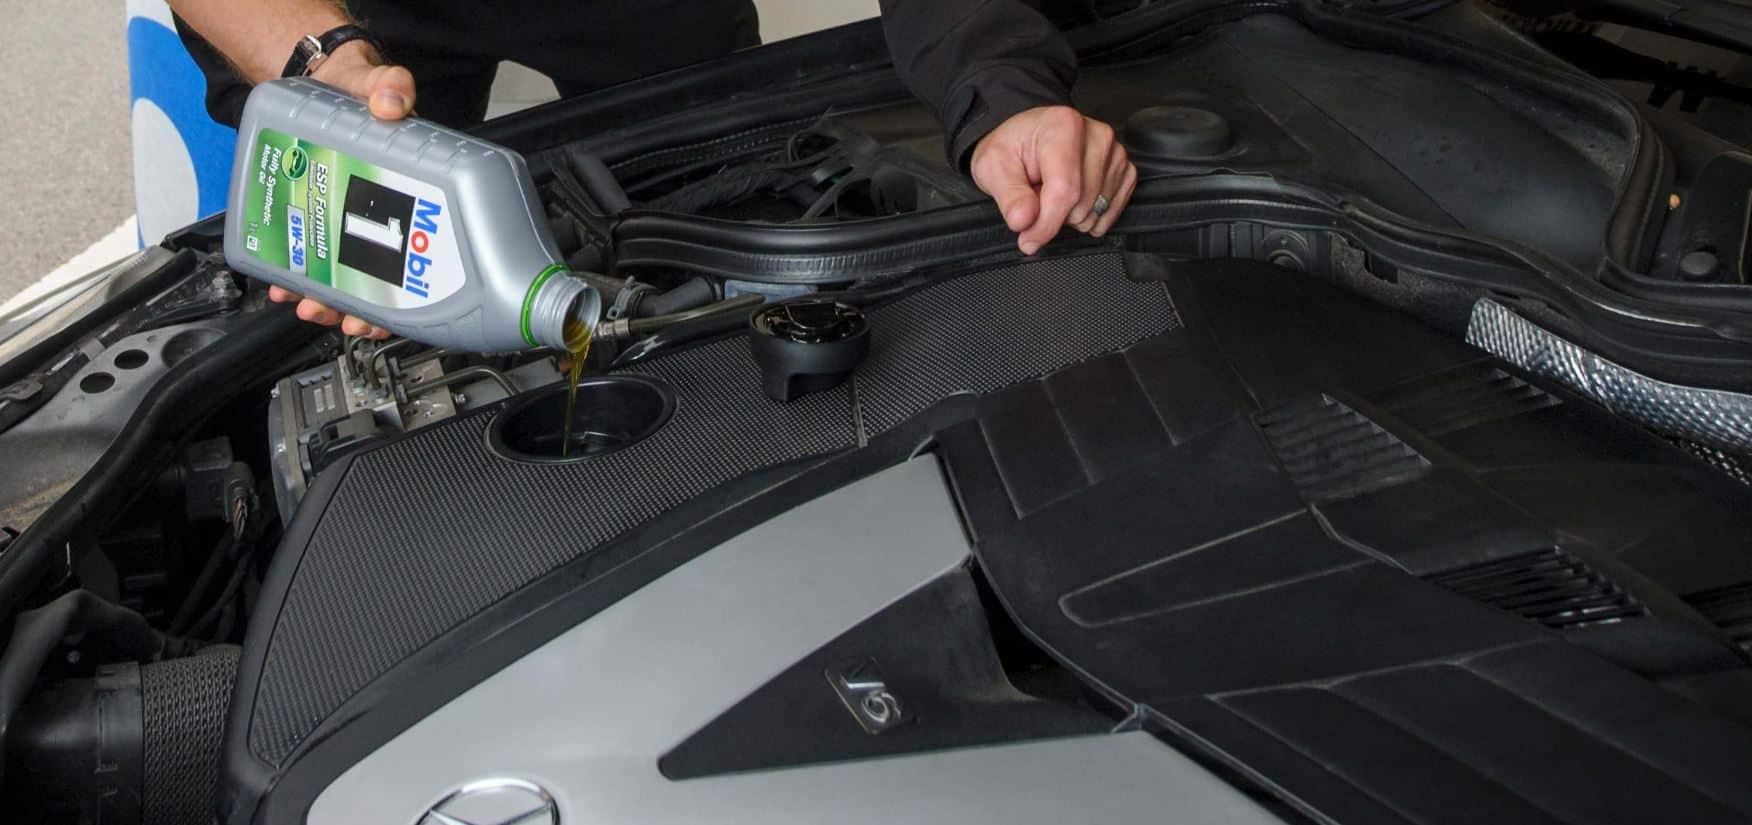 La viscosidad del aceite influye a la hora de elegir el mejor aceite para tu motor